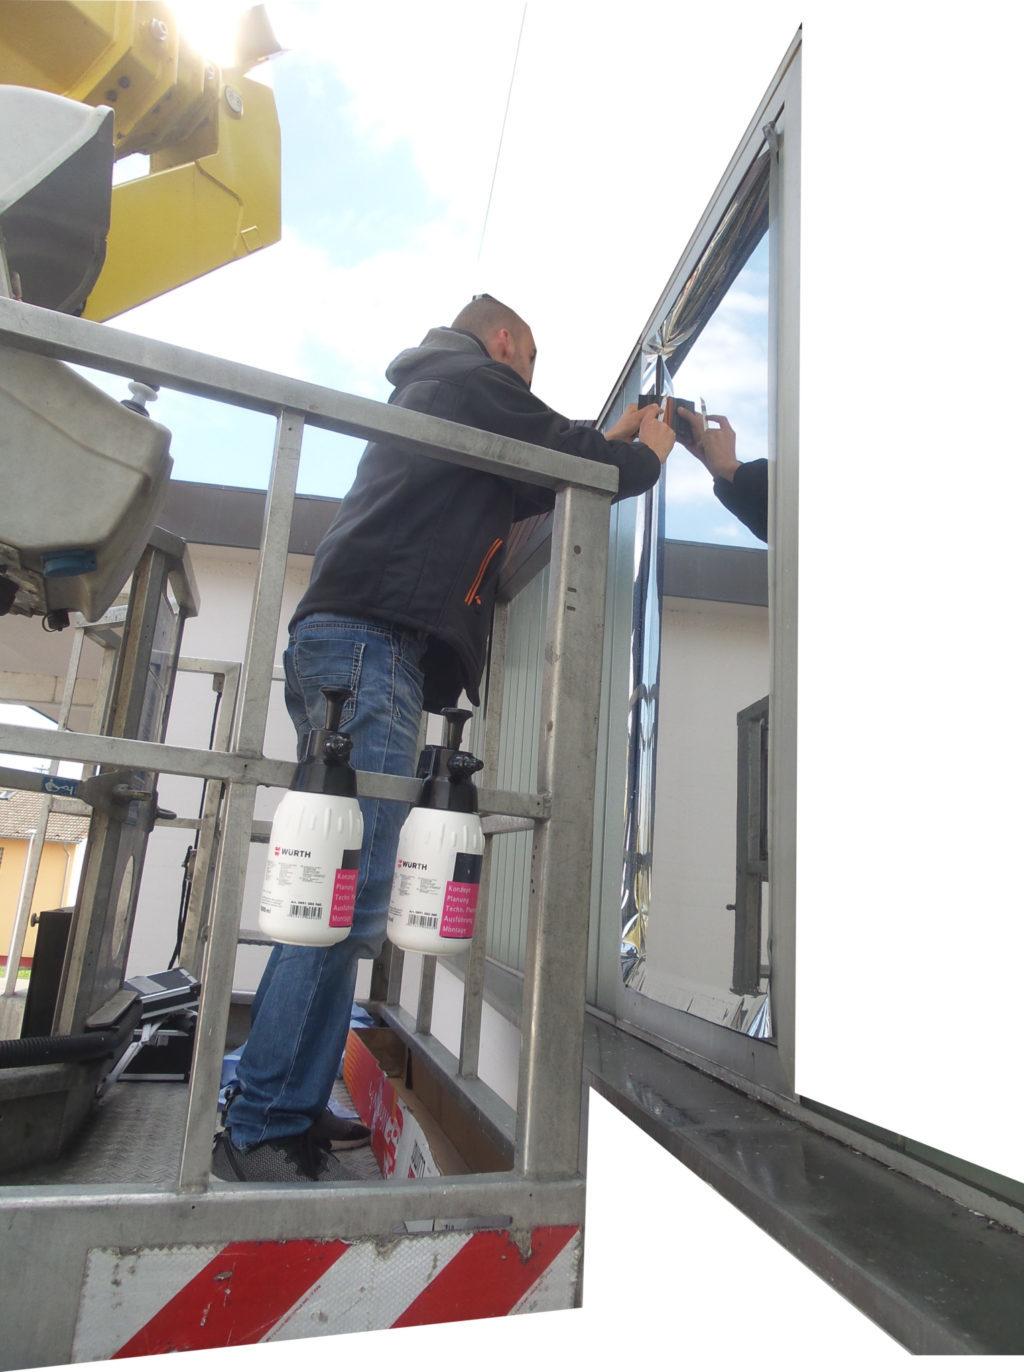 Bürofenster mit Hilfe von Hebebühnen Einsatz Bekleben